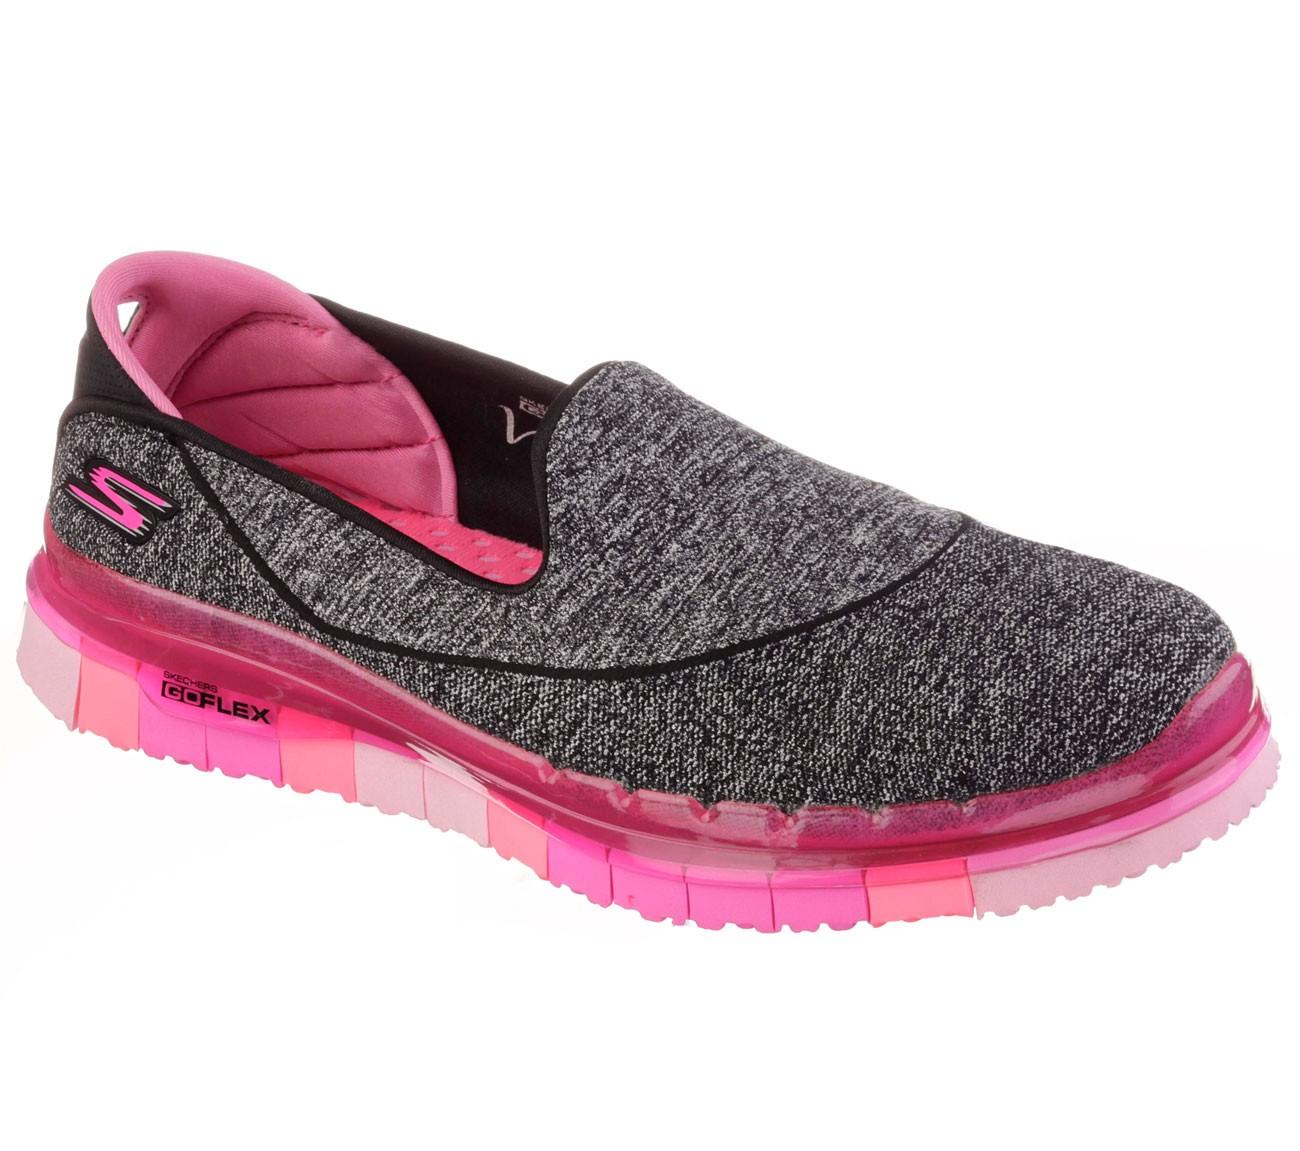 Skechers Bayan Yürüyüş Ayakkabısı Modelleri-Ayakkabı Modelleri (15)